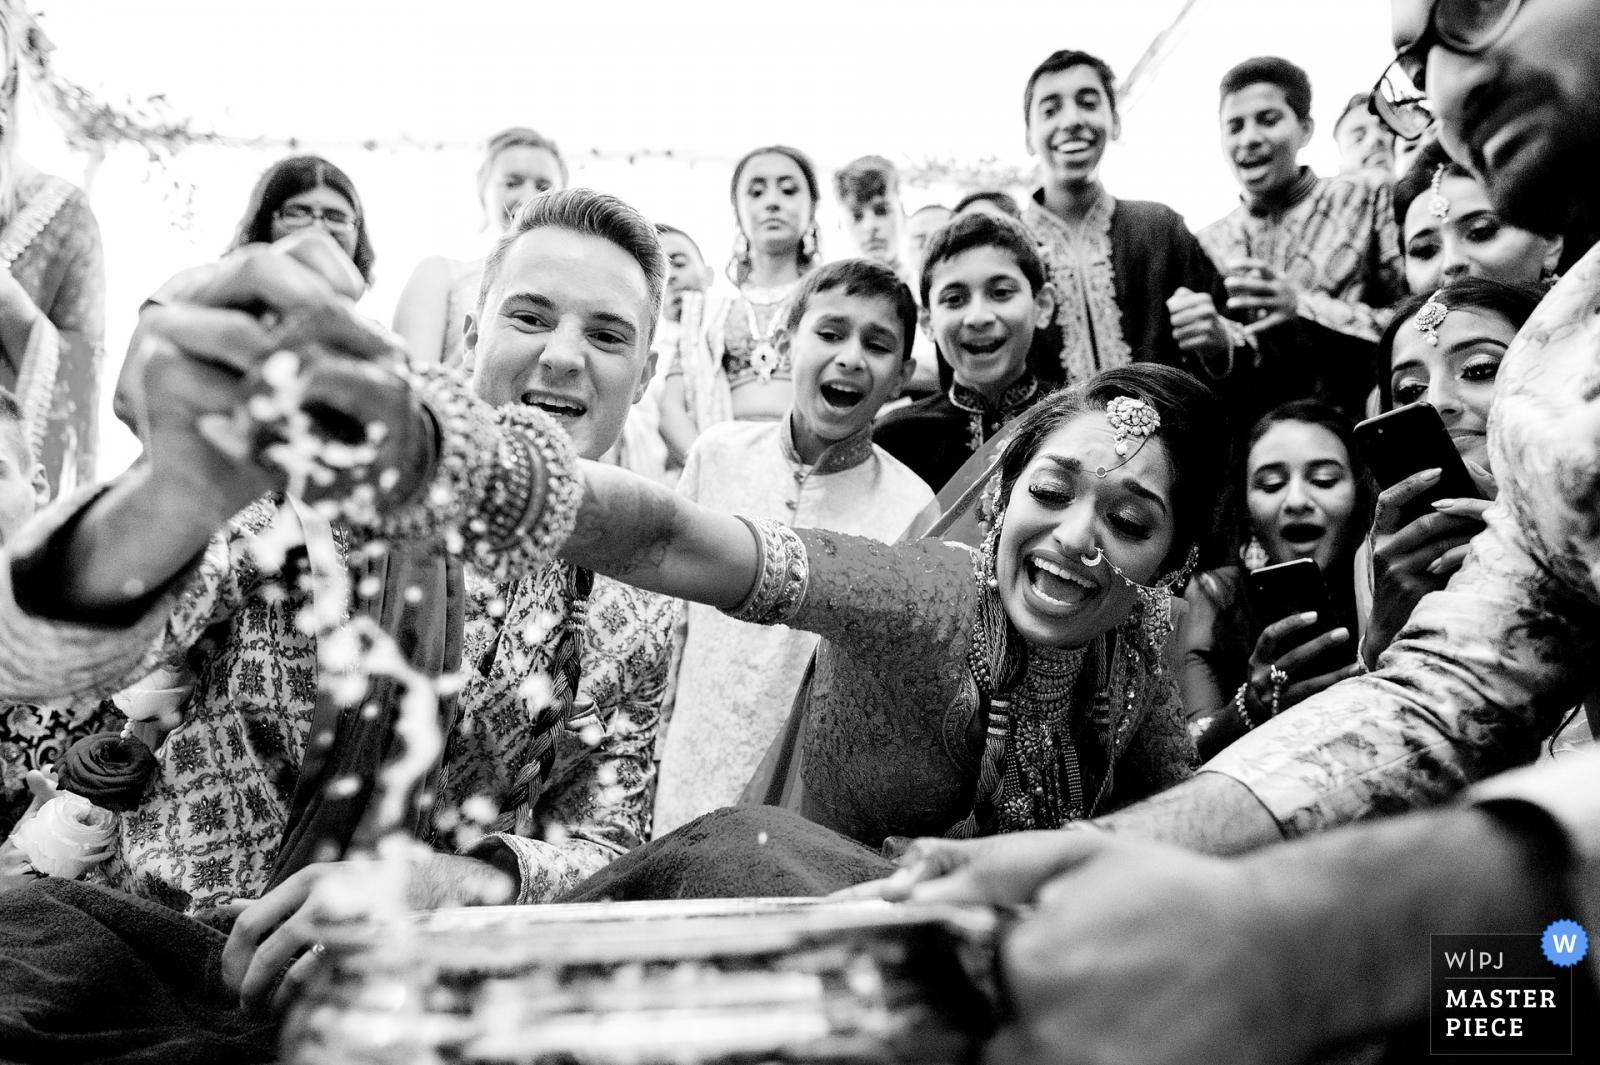 Hindu wedding game of ring fishing  - West Midlands, England Wedding Photography -  | Froyle Park wedding venue, UK